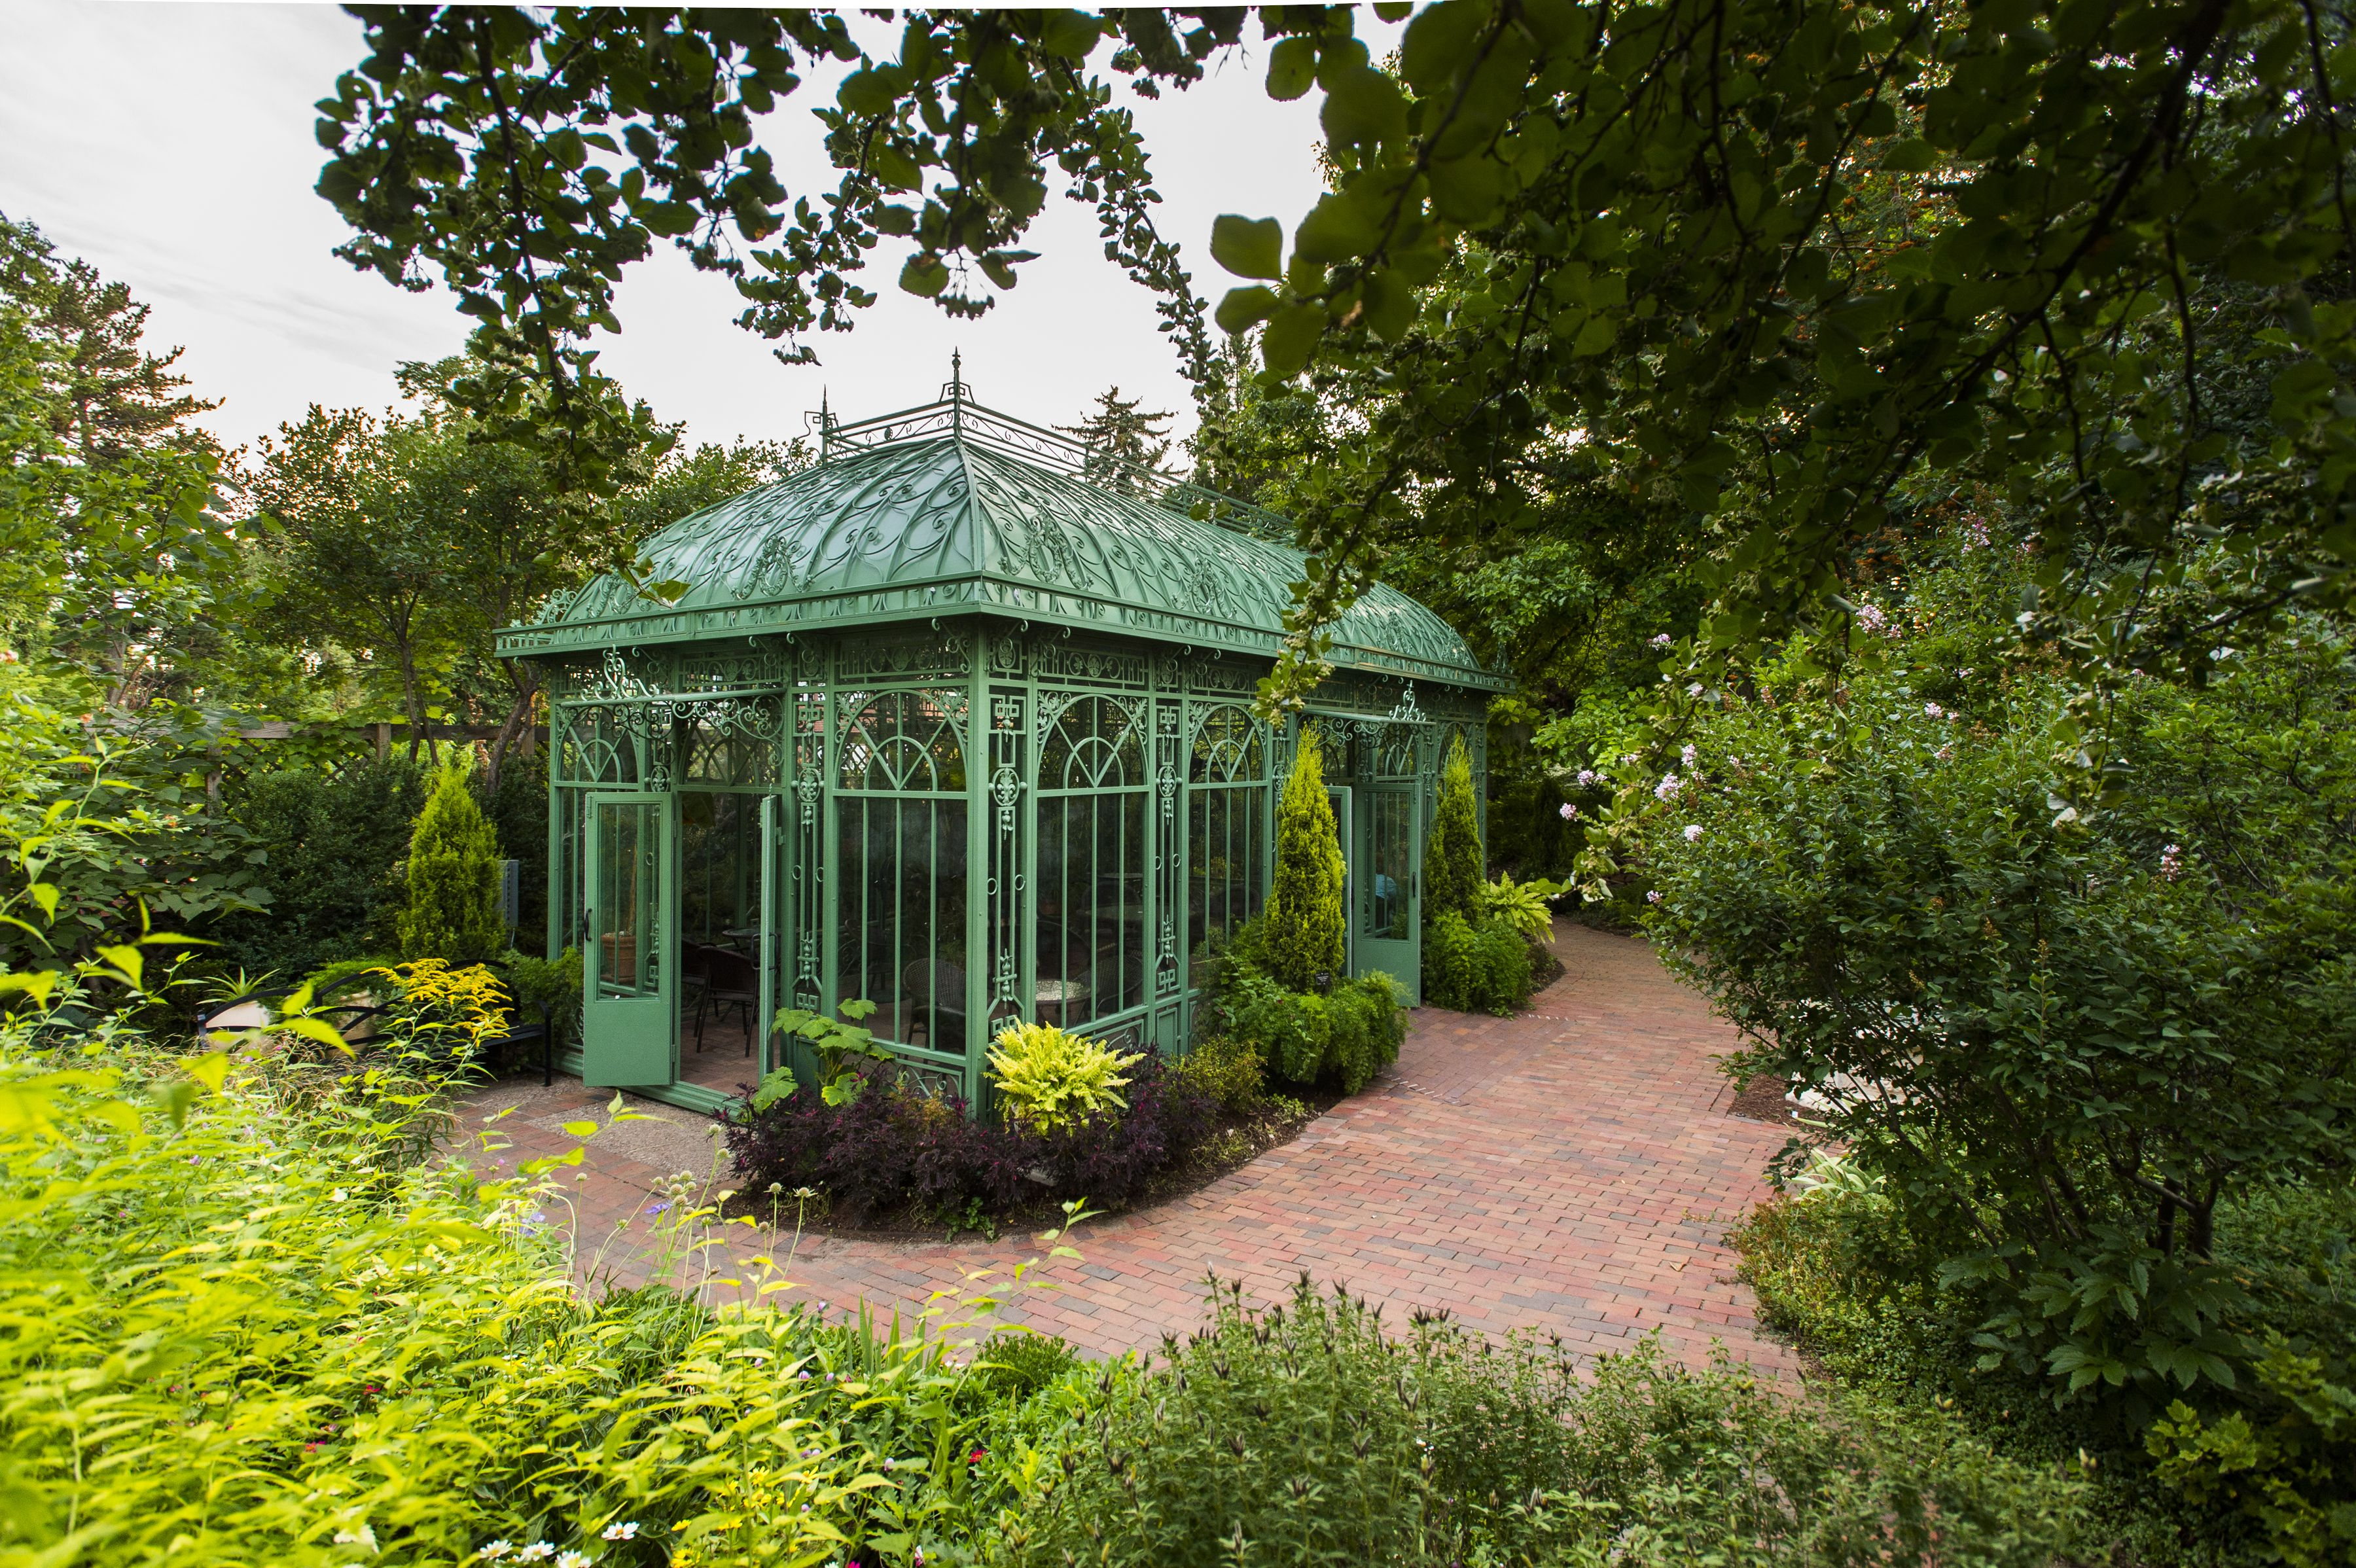 936b8c151400765b8e6cf72ed11bc5f5 - Marnie's Pavilion Denver Botanic Gardens